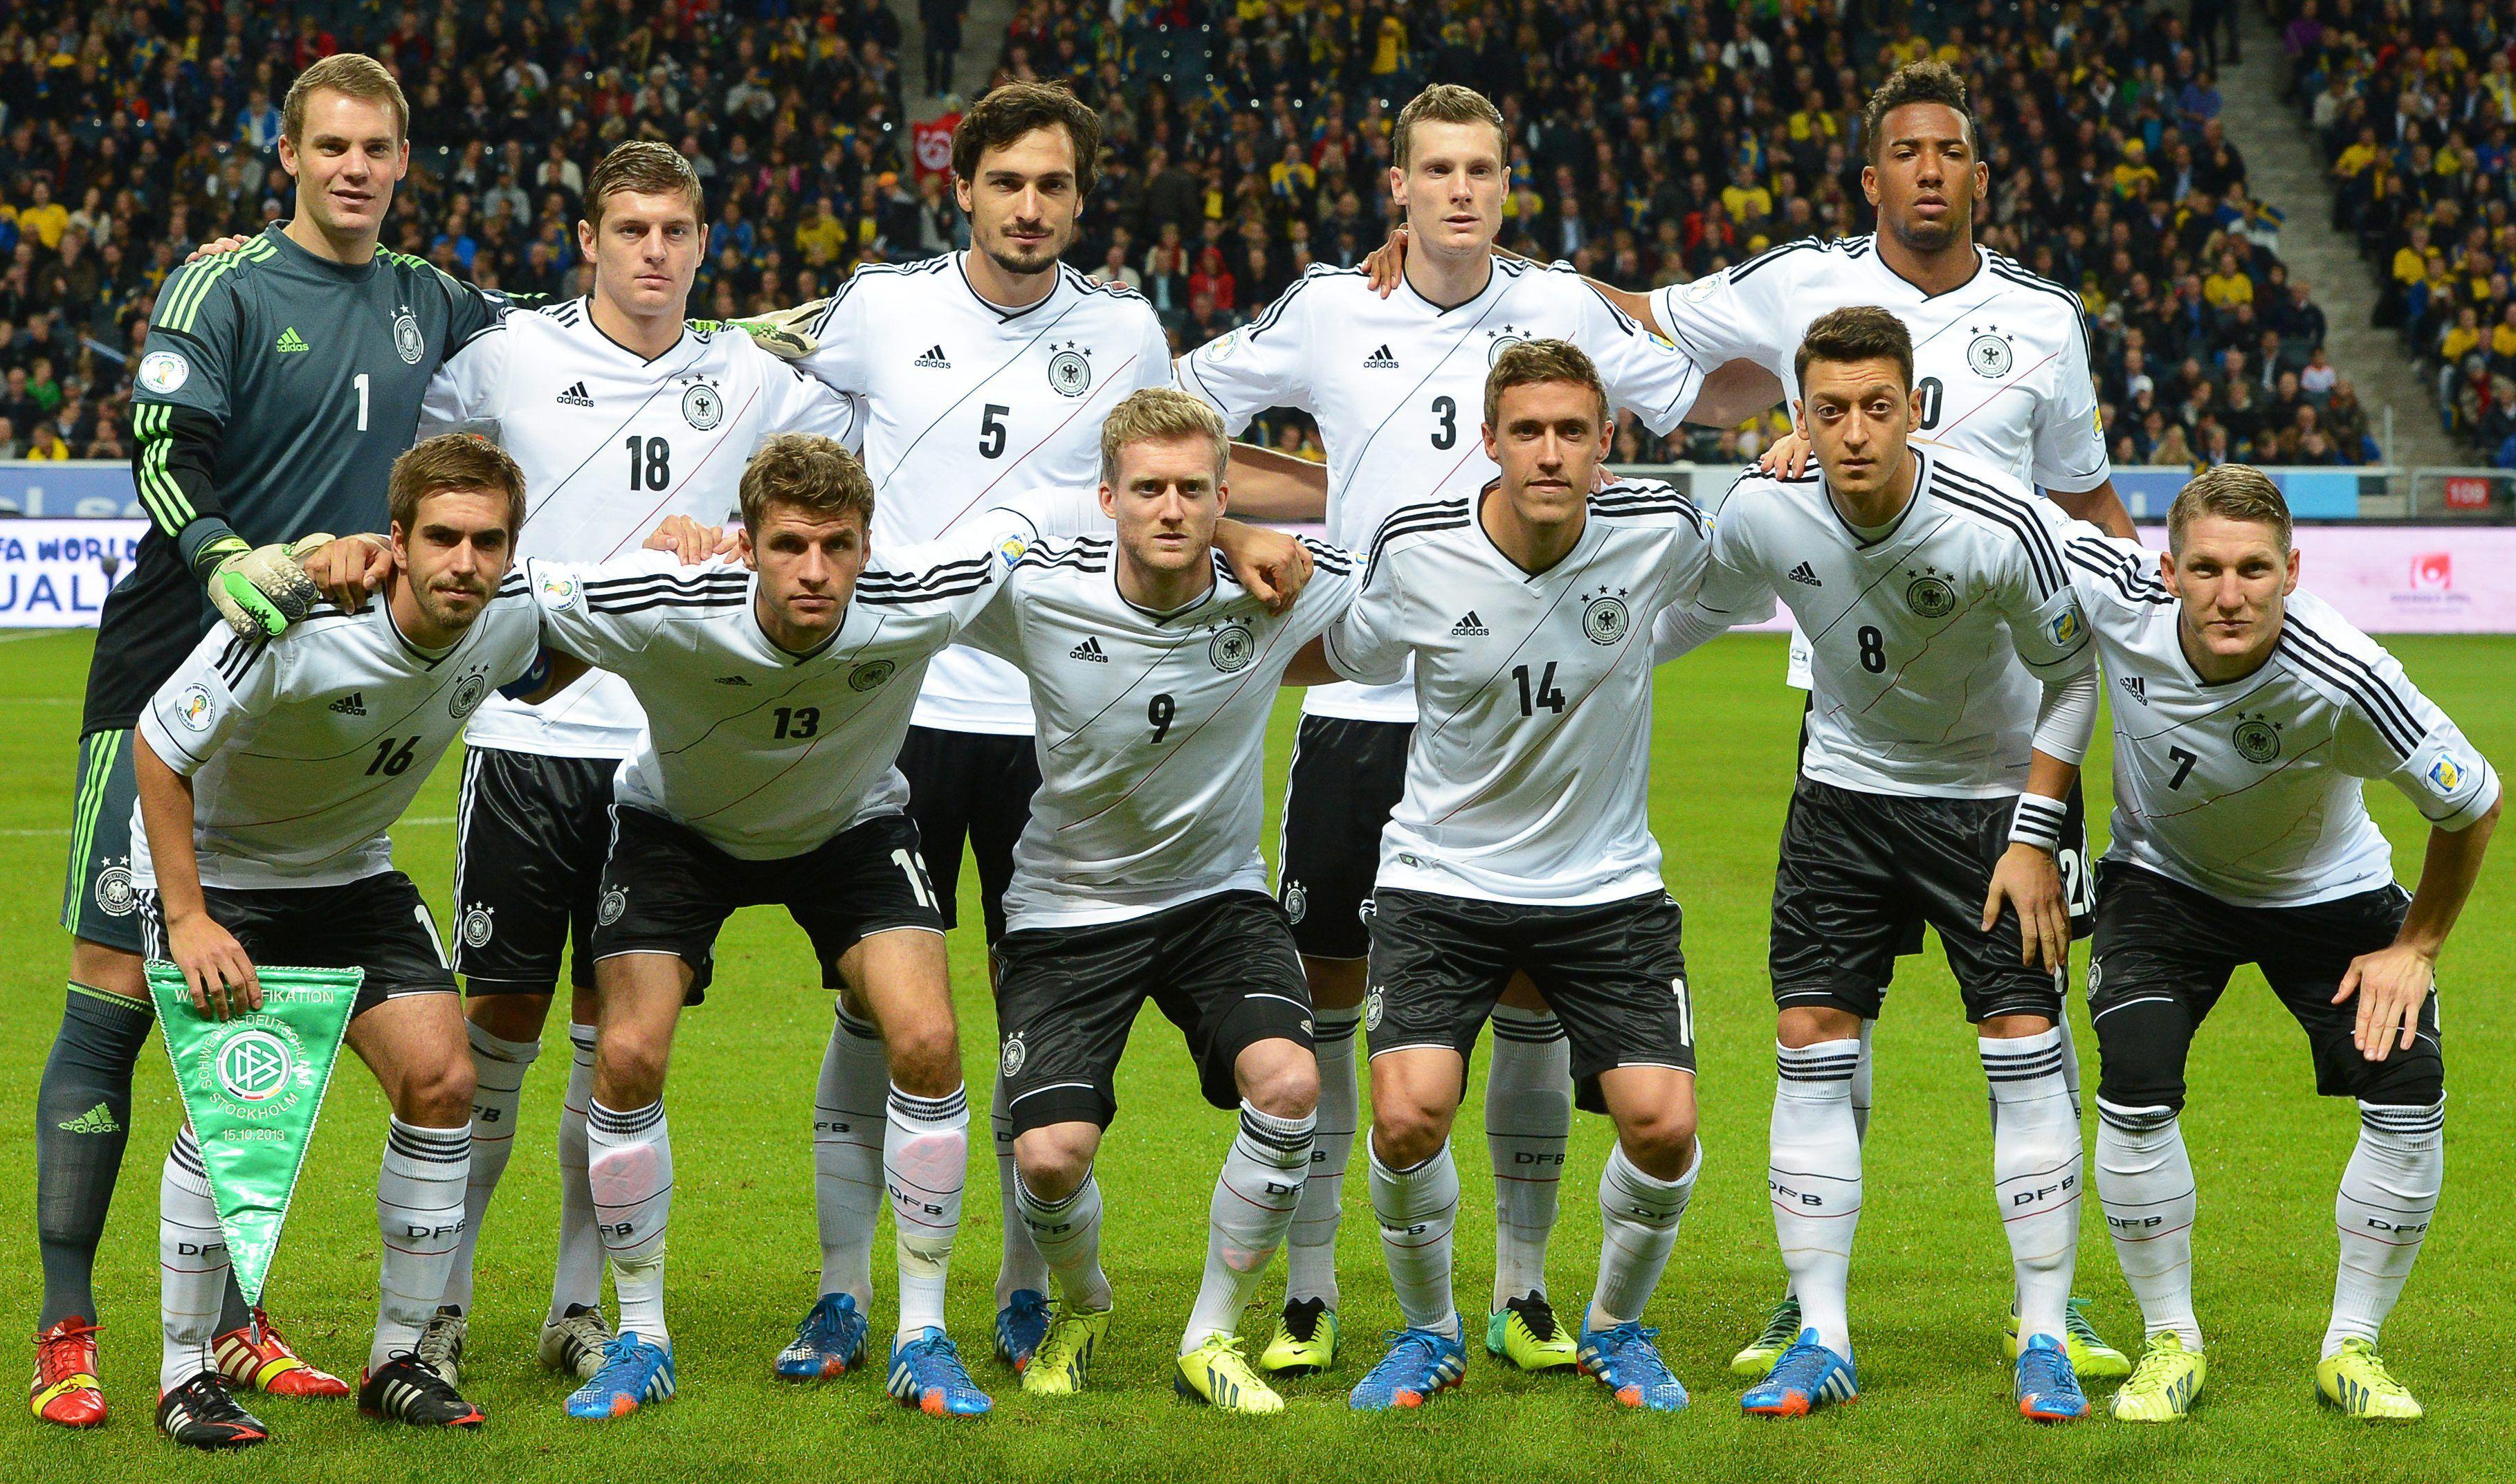 Чехия – Норвегия прогноз на встречу чемпионата мира